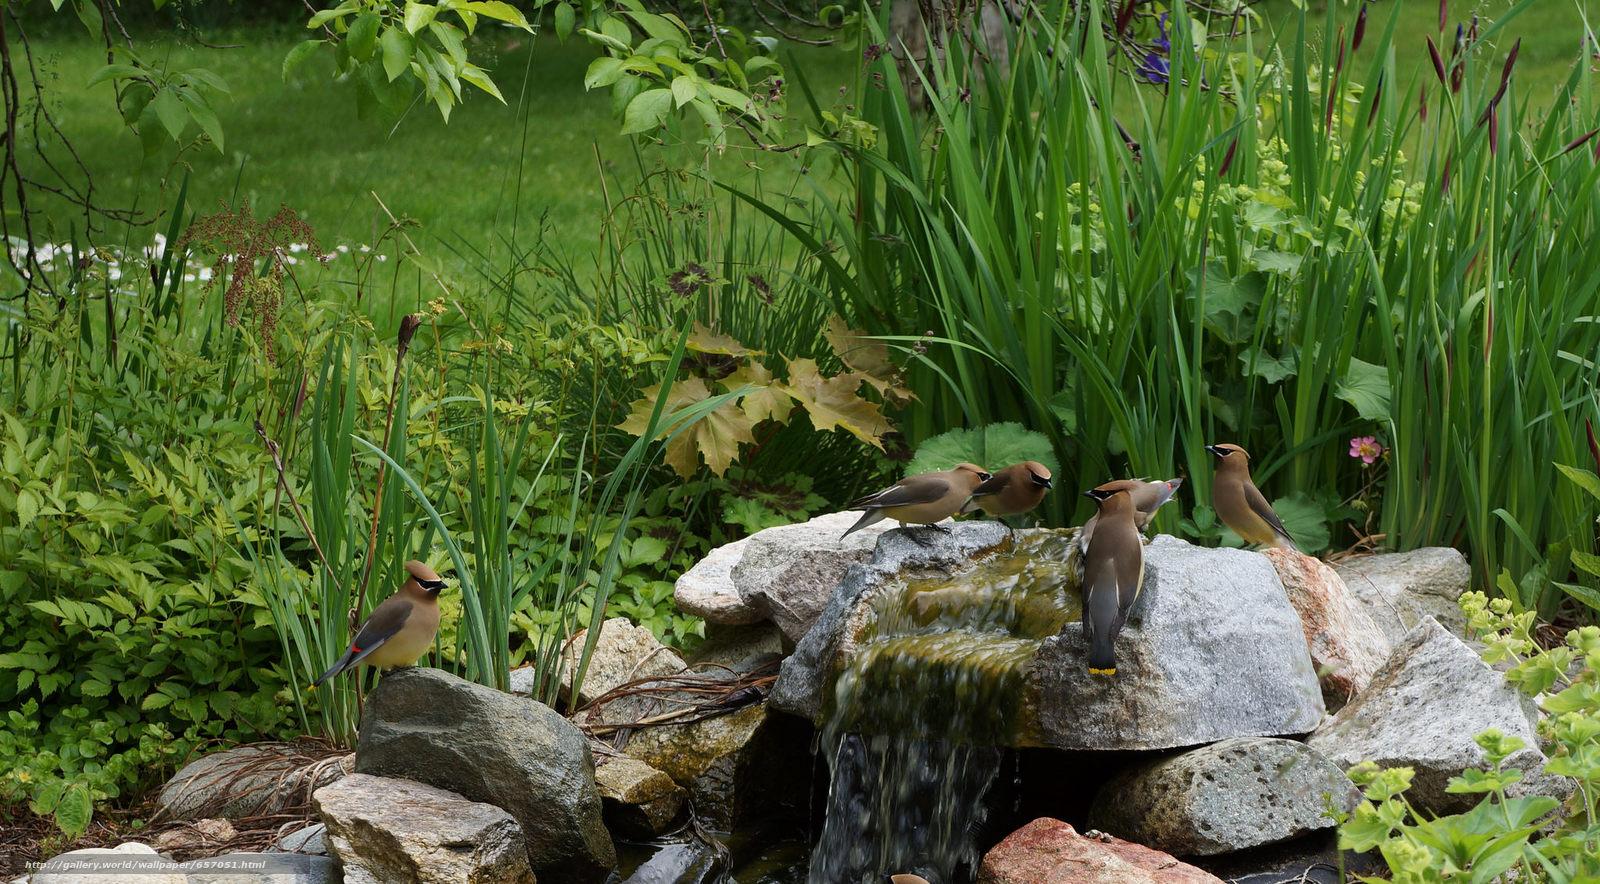 Скачать обои камни,  водопад,  растения,  птицы бесплатно для рабочего стола в разрешении 2048x1132 — картинка №657051